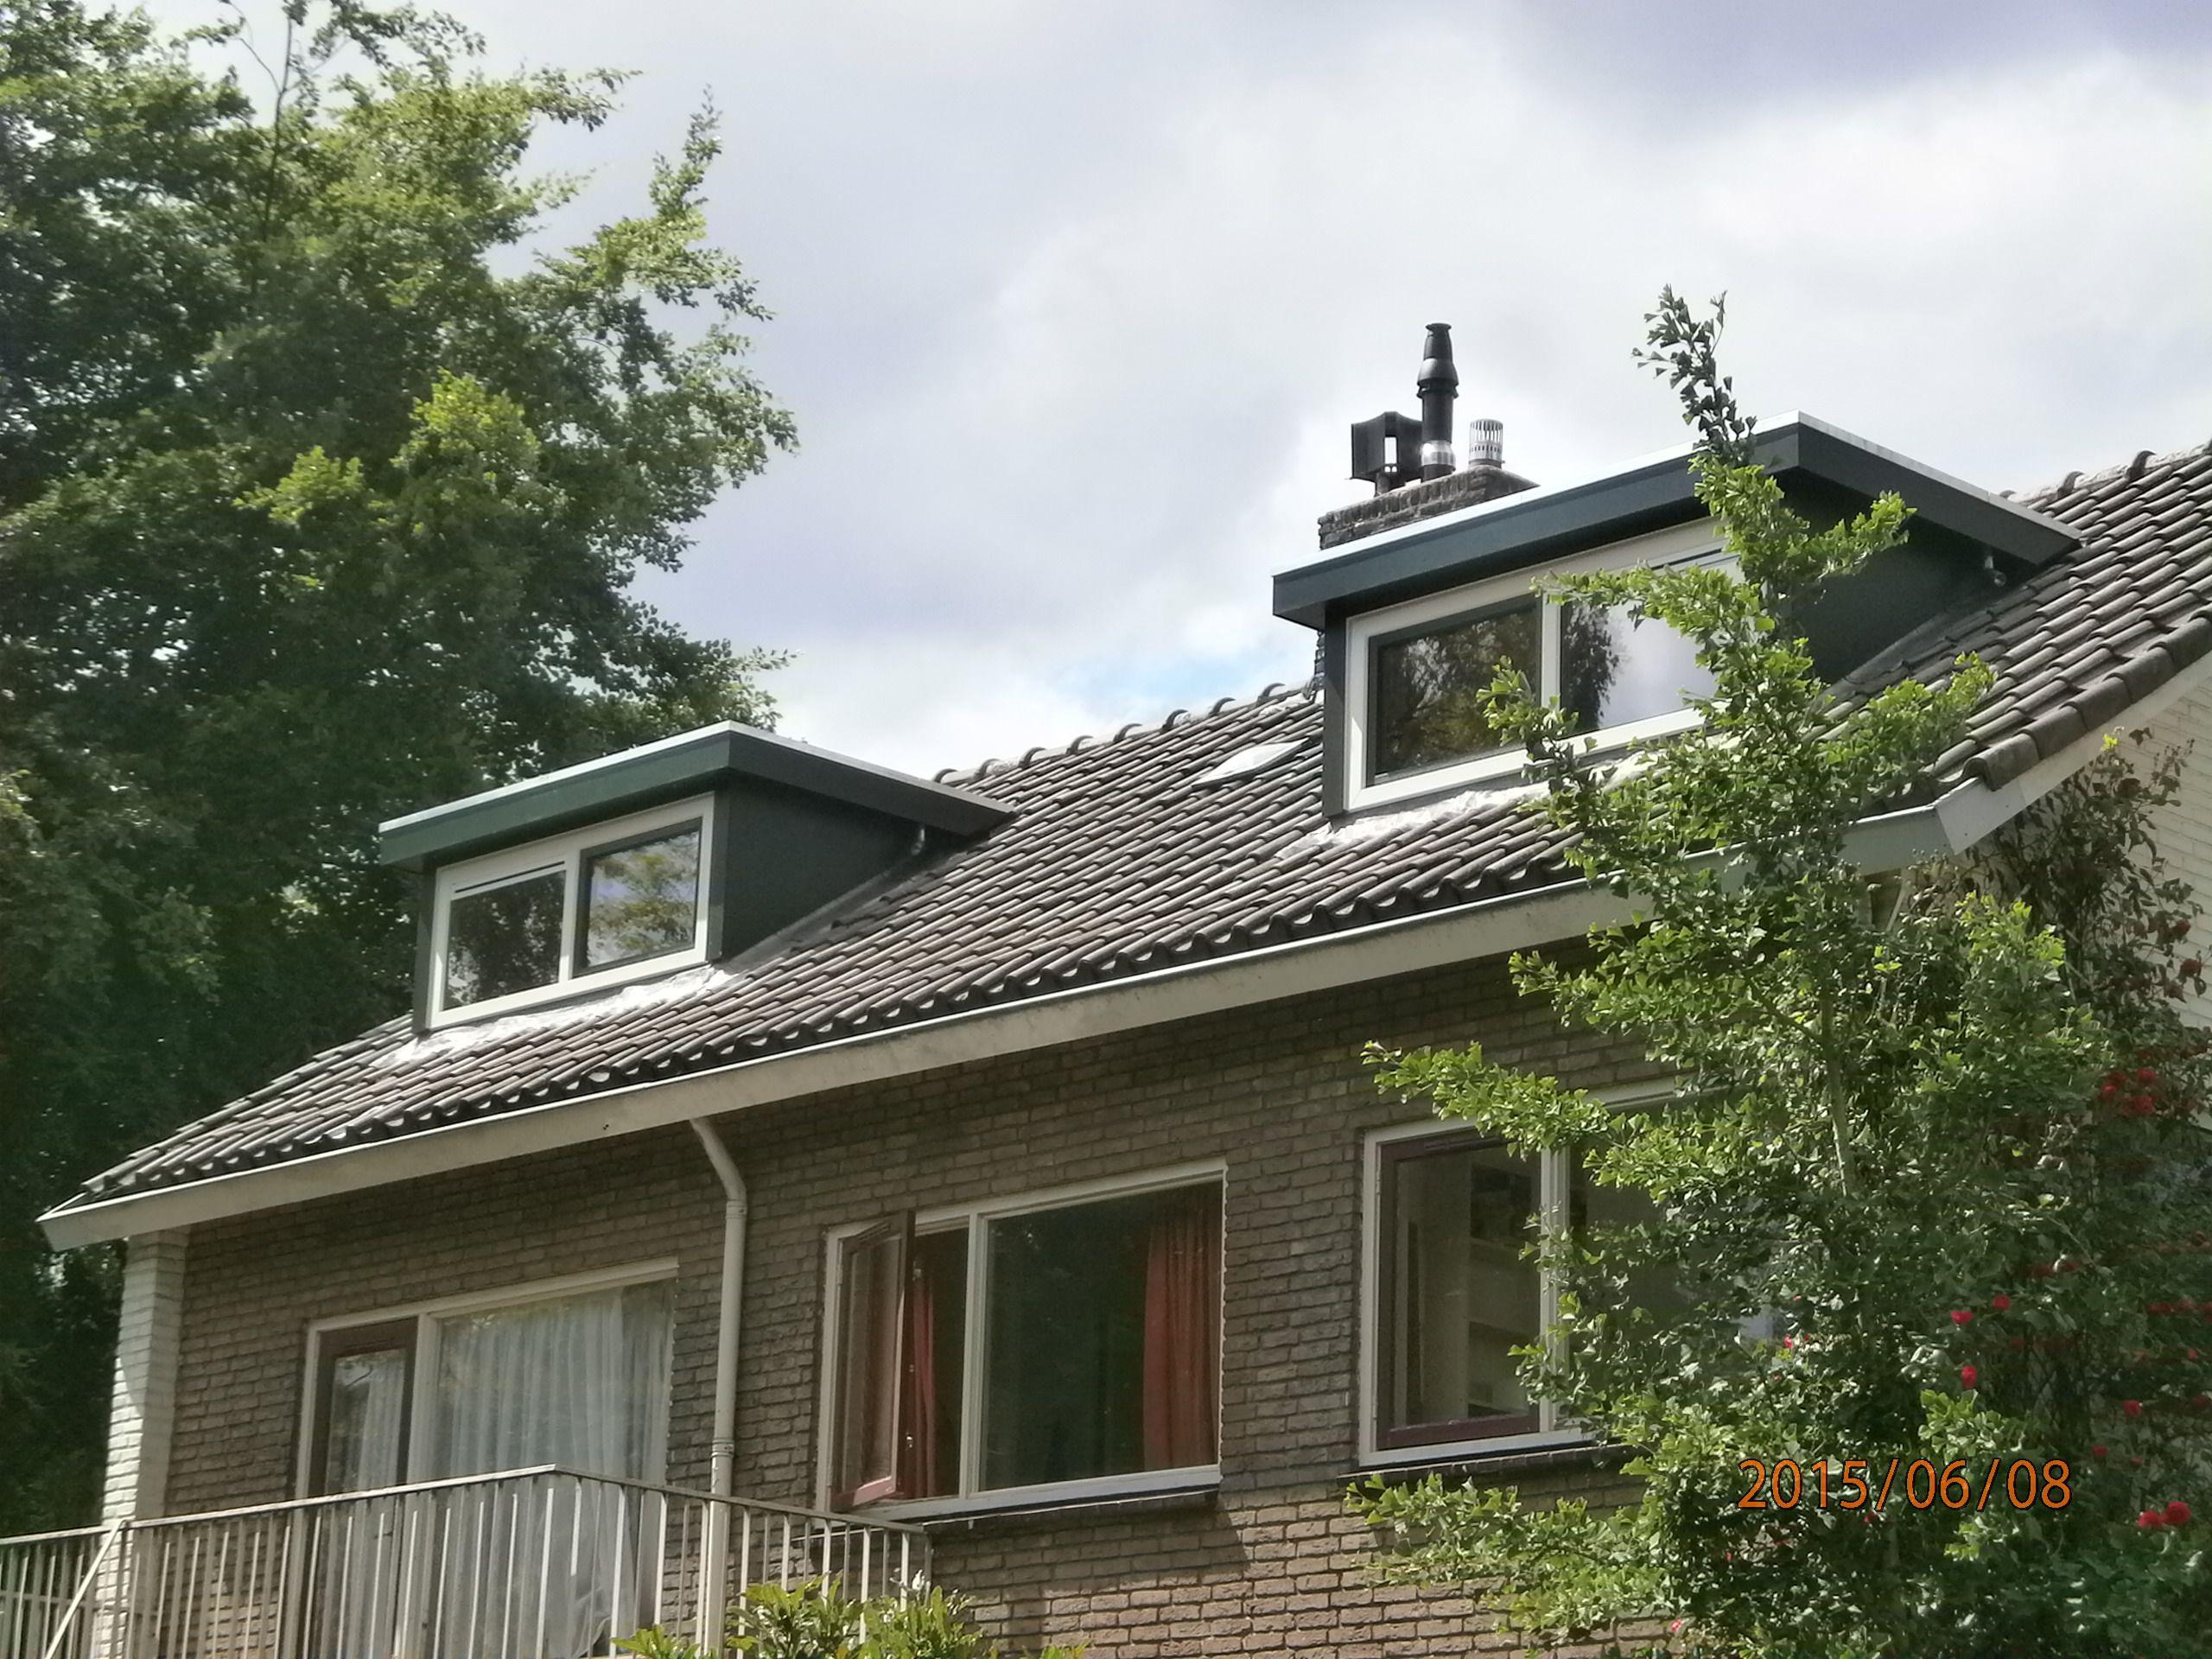 twee prachtige dakkapellen gemonteerd www.bogers.nl